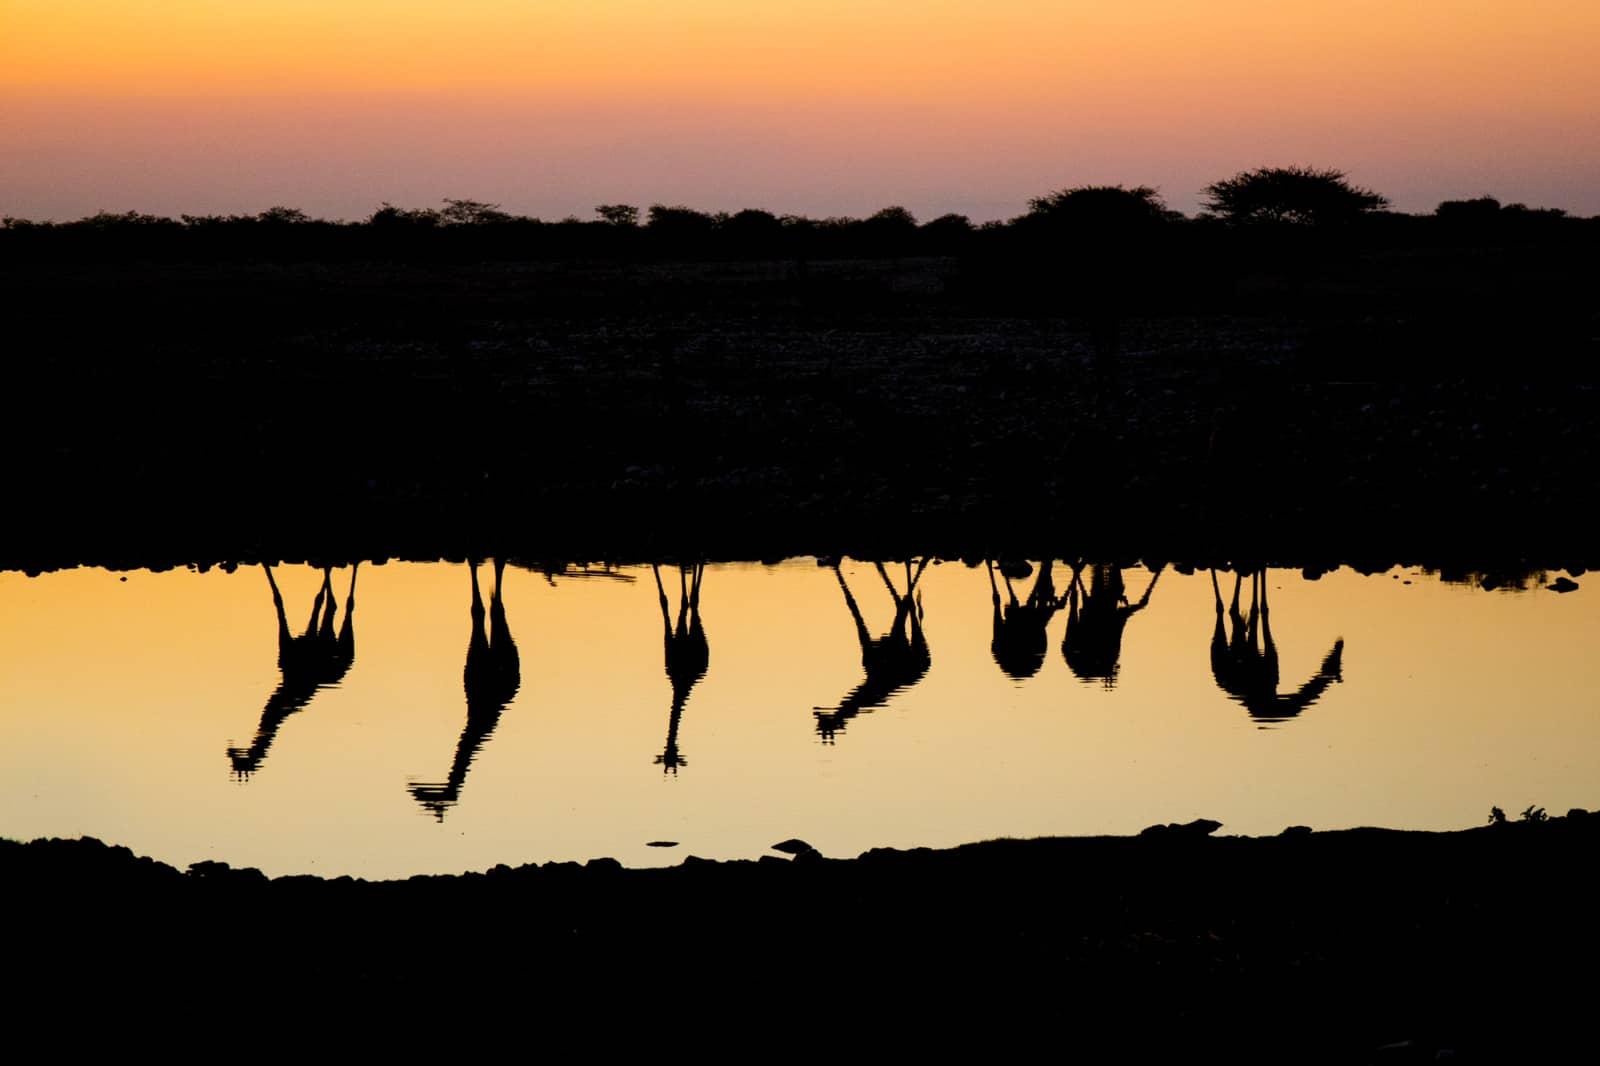 Giraffen aan waterkant in silhouet, wildlife fotografie van Richard Bernabe